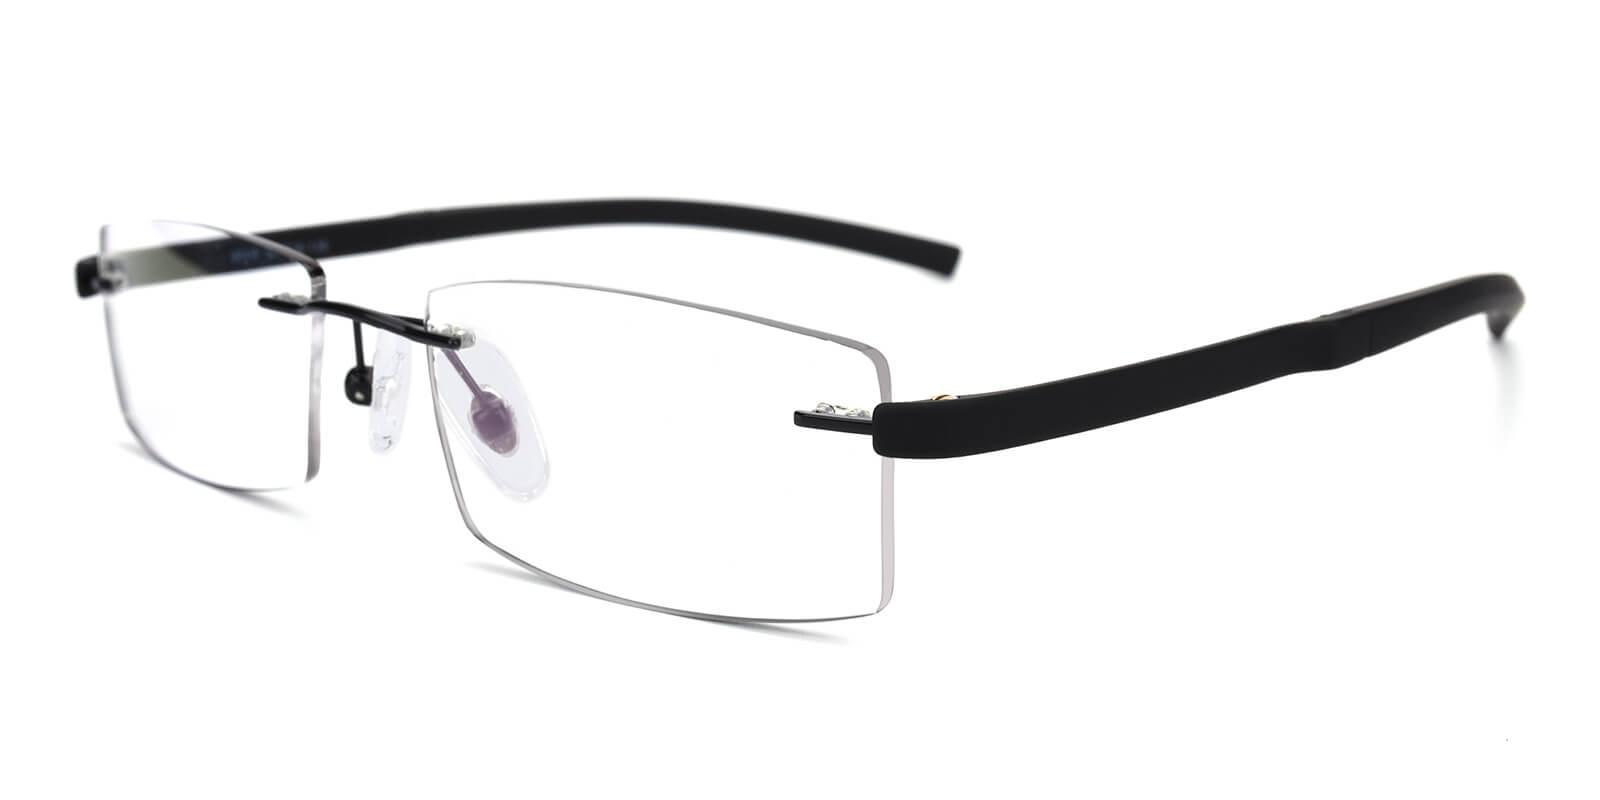 Trimming-Black-Varieties-Metal / Acetate-Eyeglasses-additional1